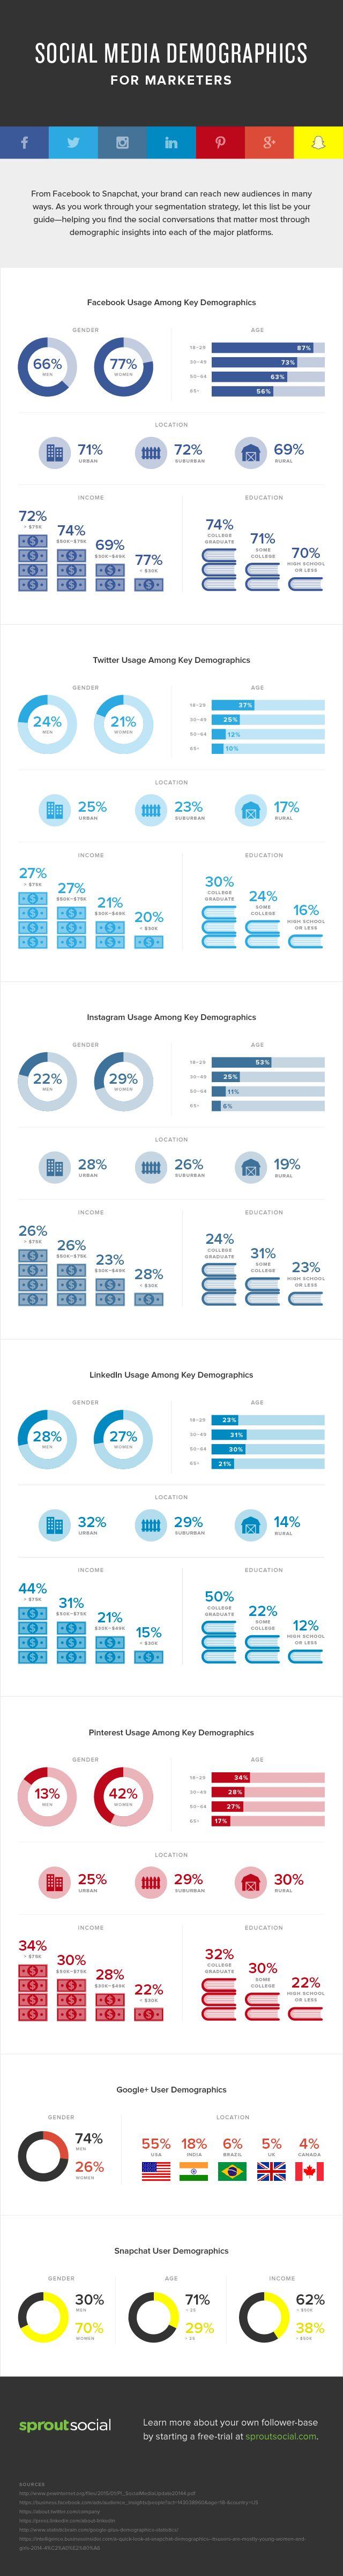 Facebook, Twitter, Instagram, LinkedIn & Co.: Alle demographischen Daten zu Social Media | Kroker's Look @ IT